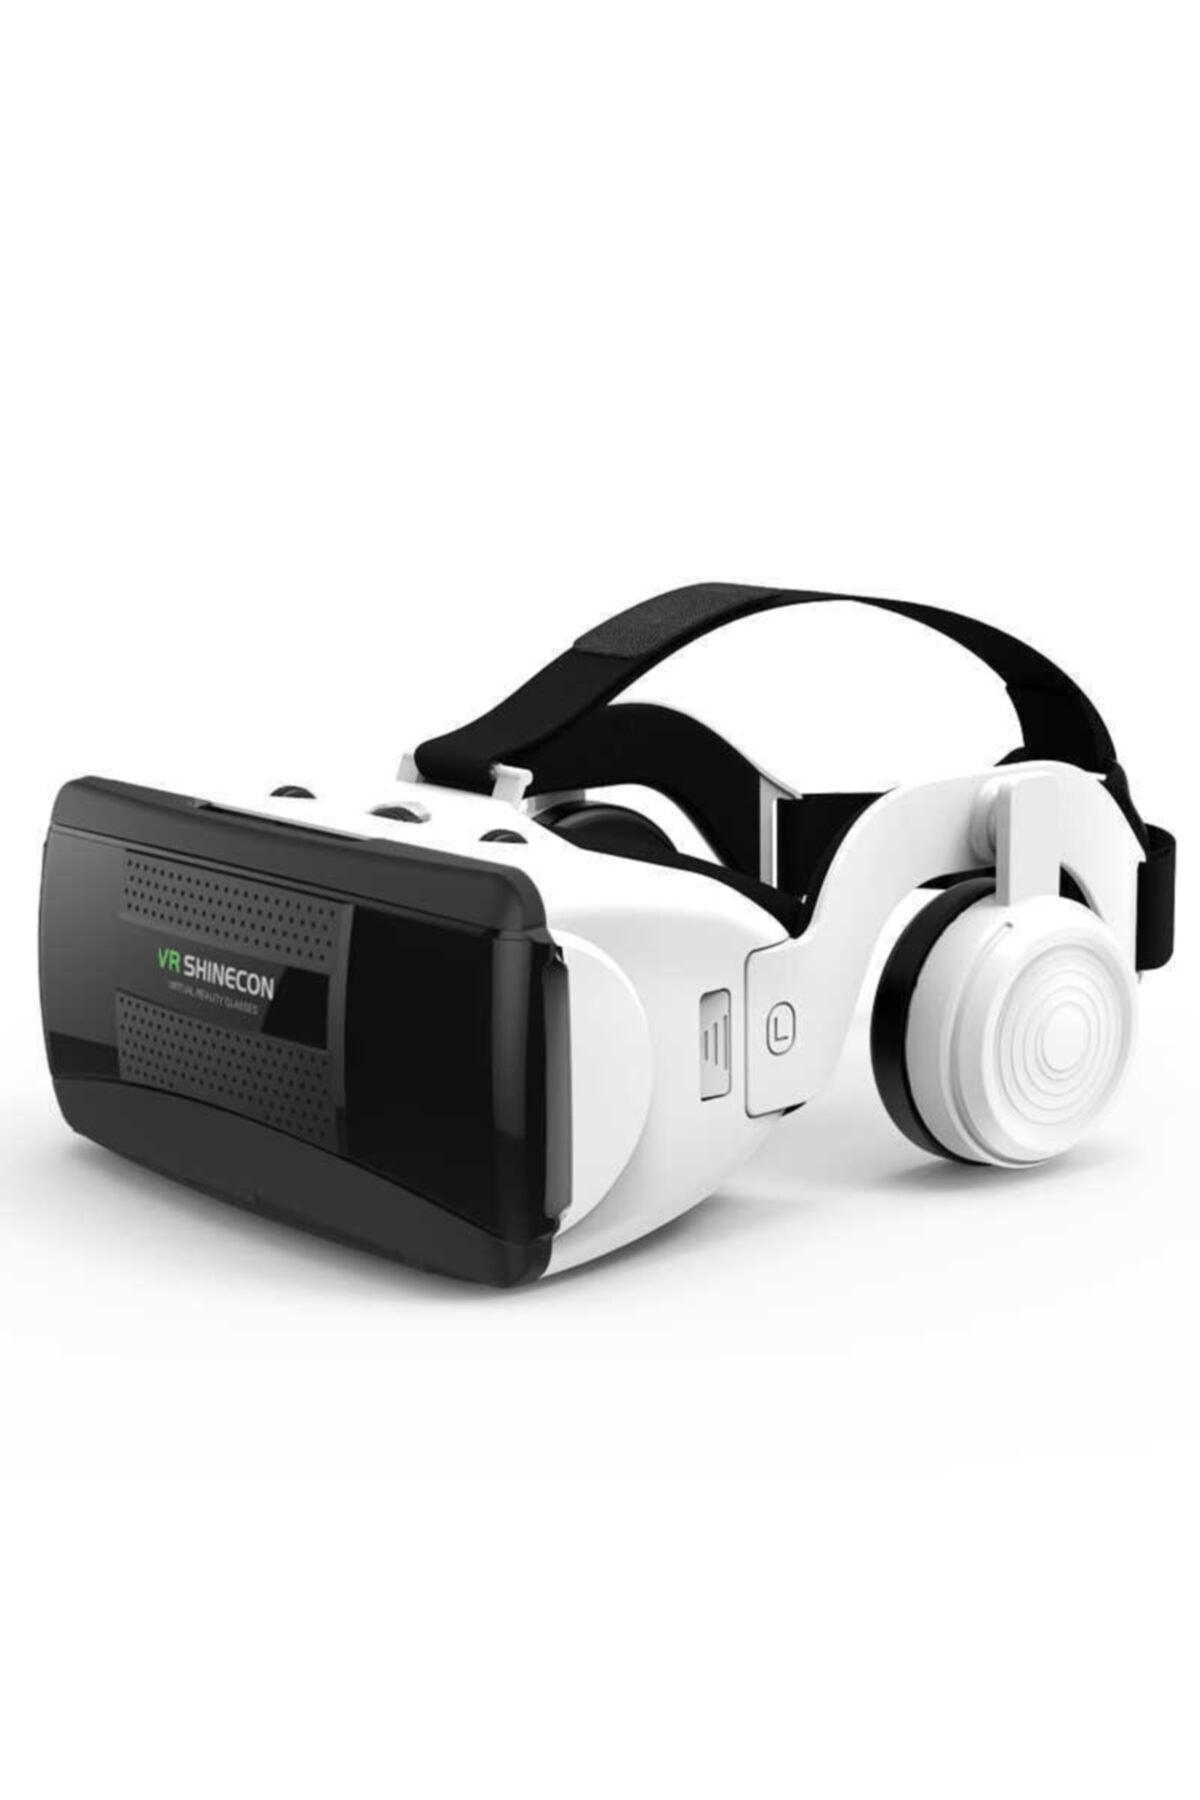 zore Vr Shinecon 3d Imax Vr Box Bluetooth Kulaklık Ayarlanabilir Görüş Mesafesi Sanal Gerçeklik Gözlüğü 1